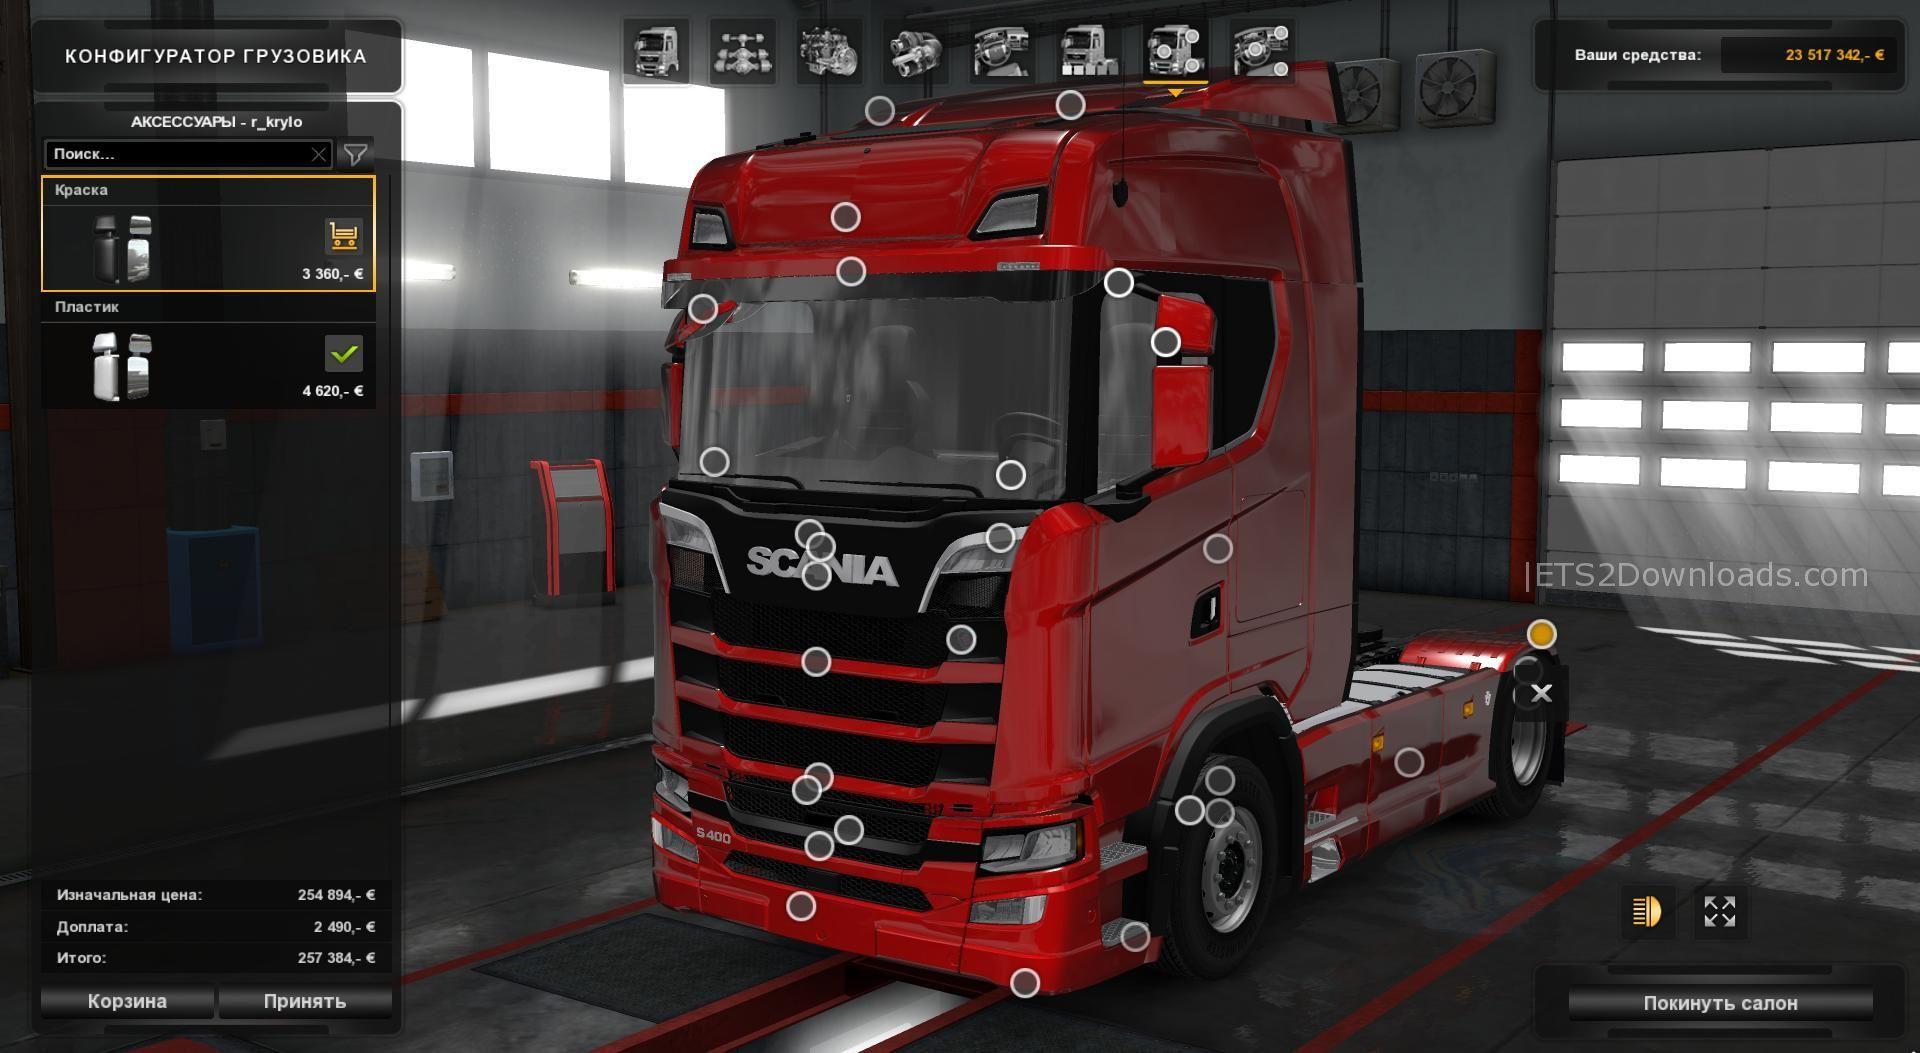 Scania S730 Nextgen V1 0 Ets 2 Mods Ets2downloads